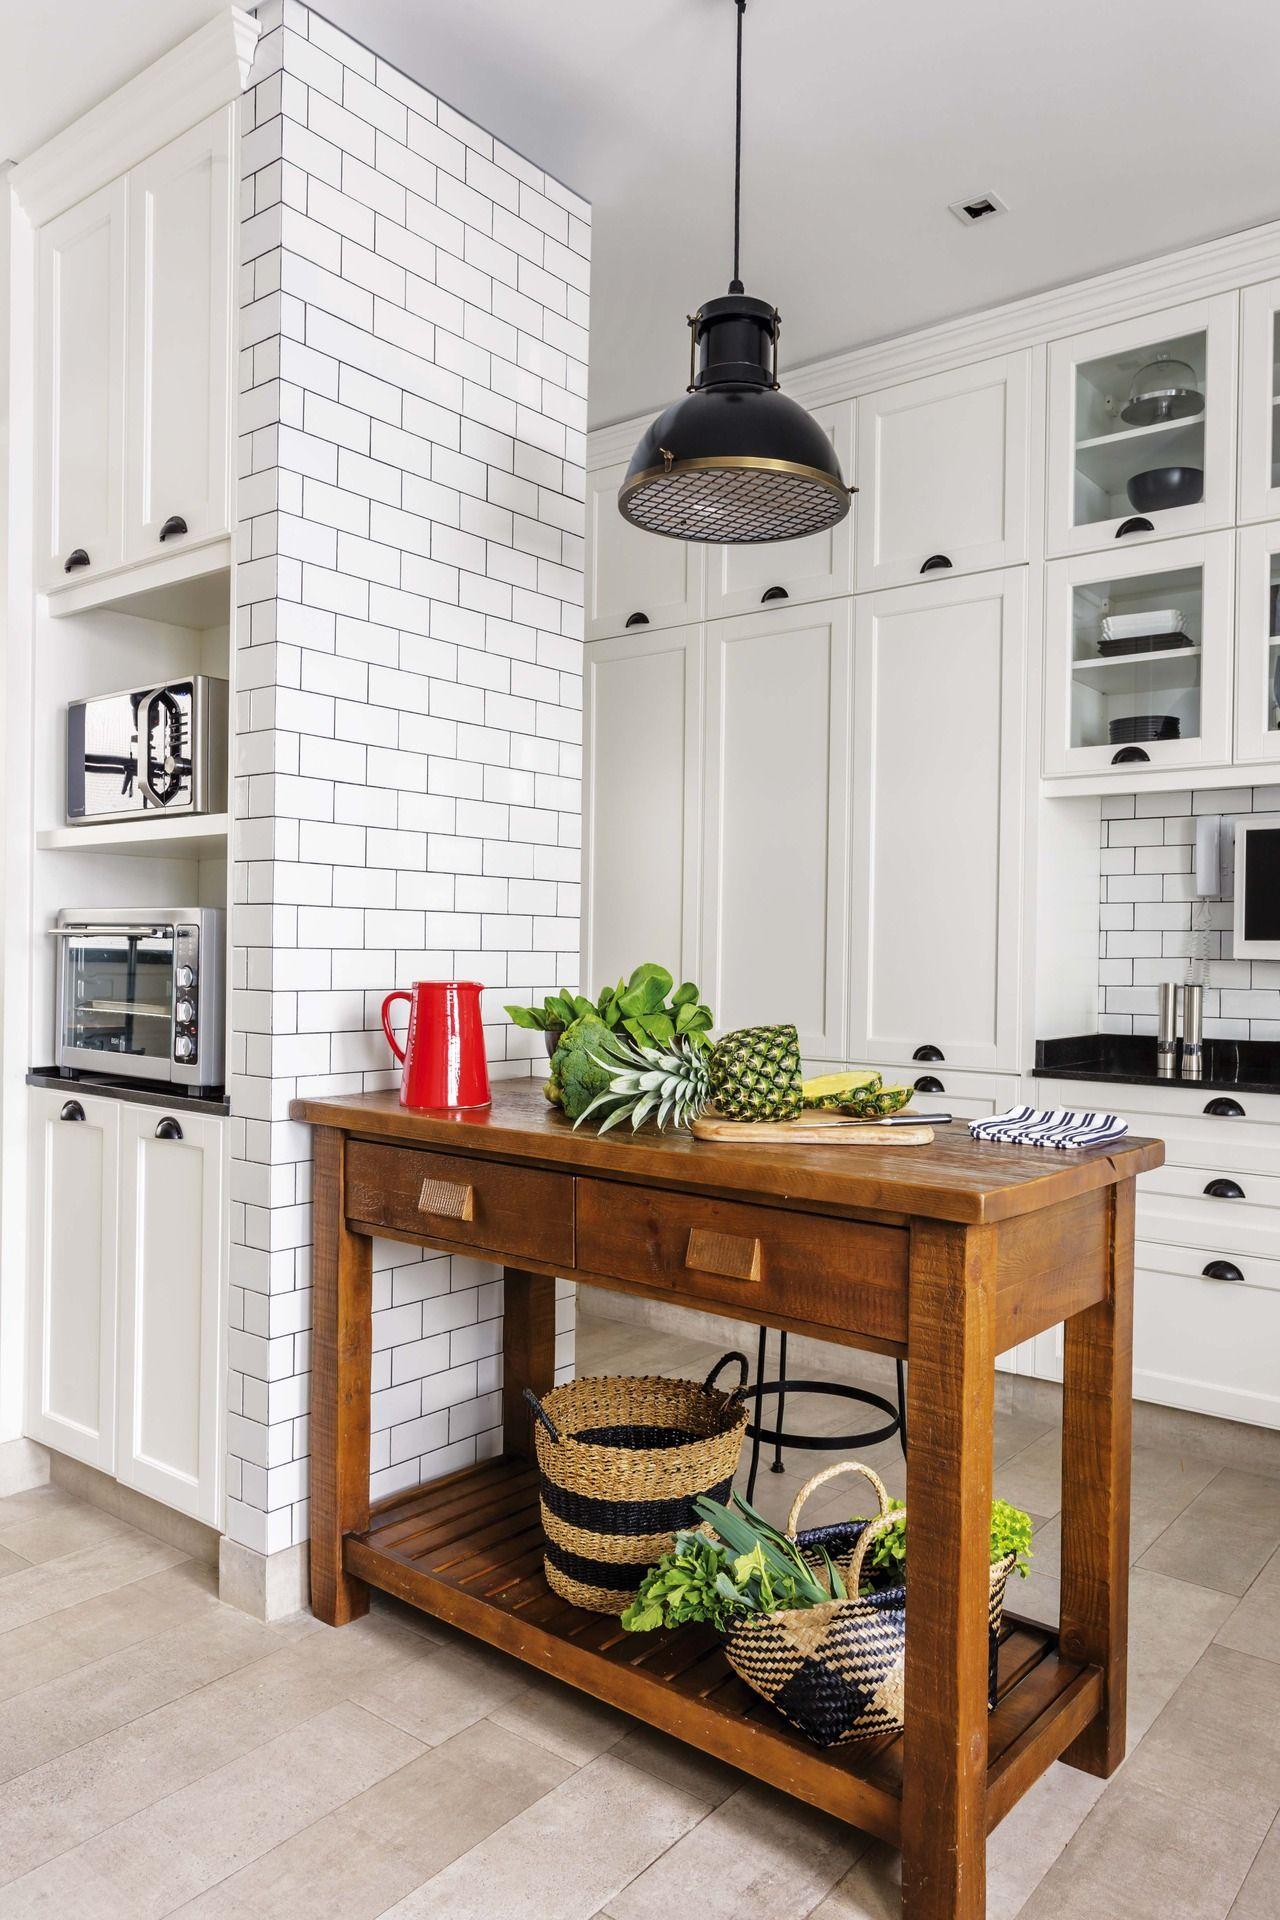 Una cocina con subway tiles y carpintería de hierro  fa2cd36d28ea